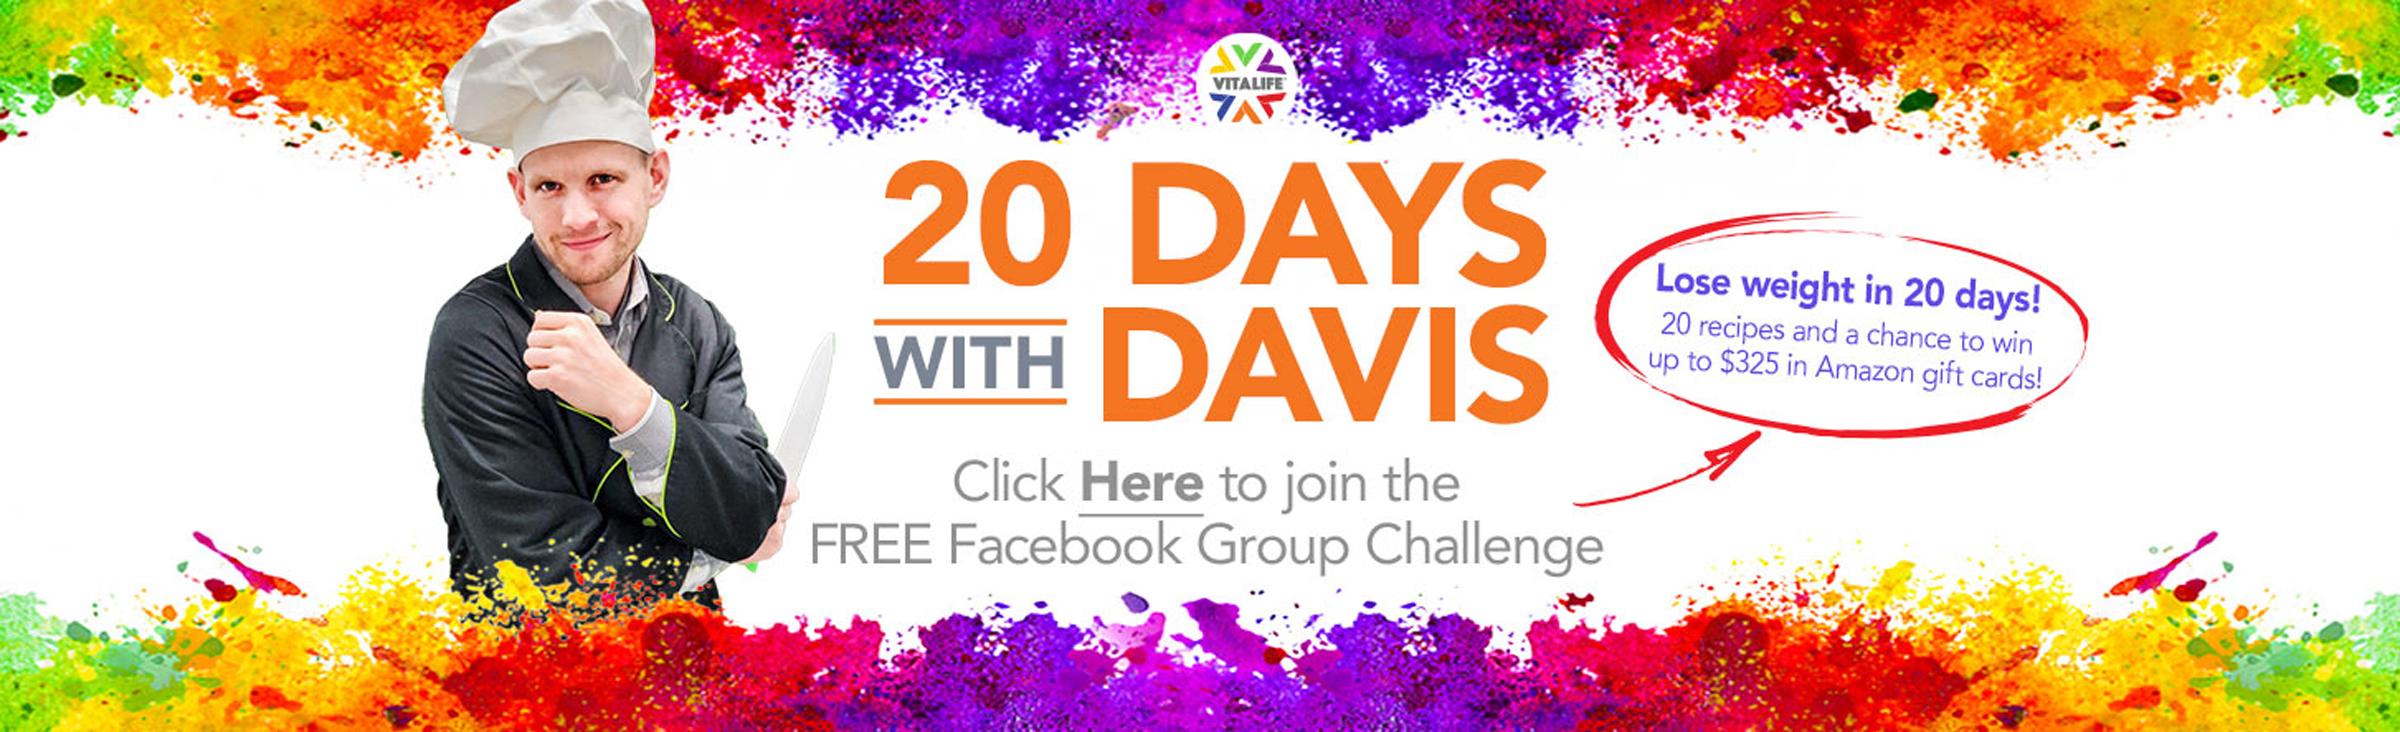 20 Days With Davis Jaspers